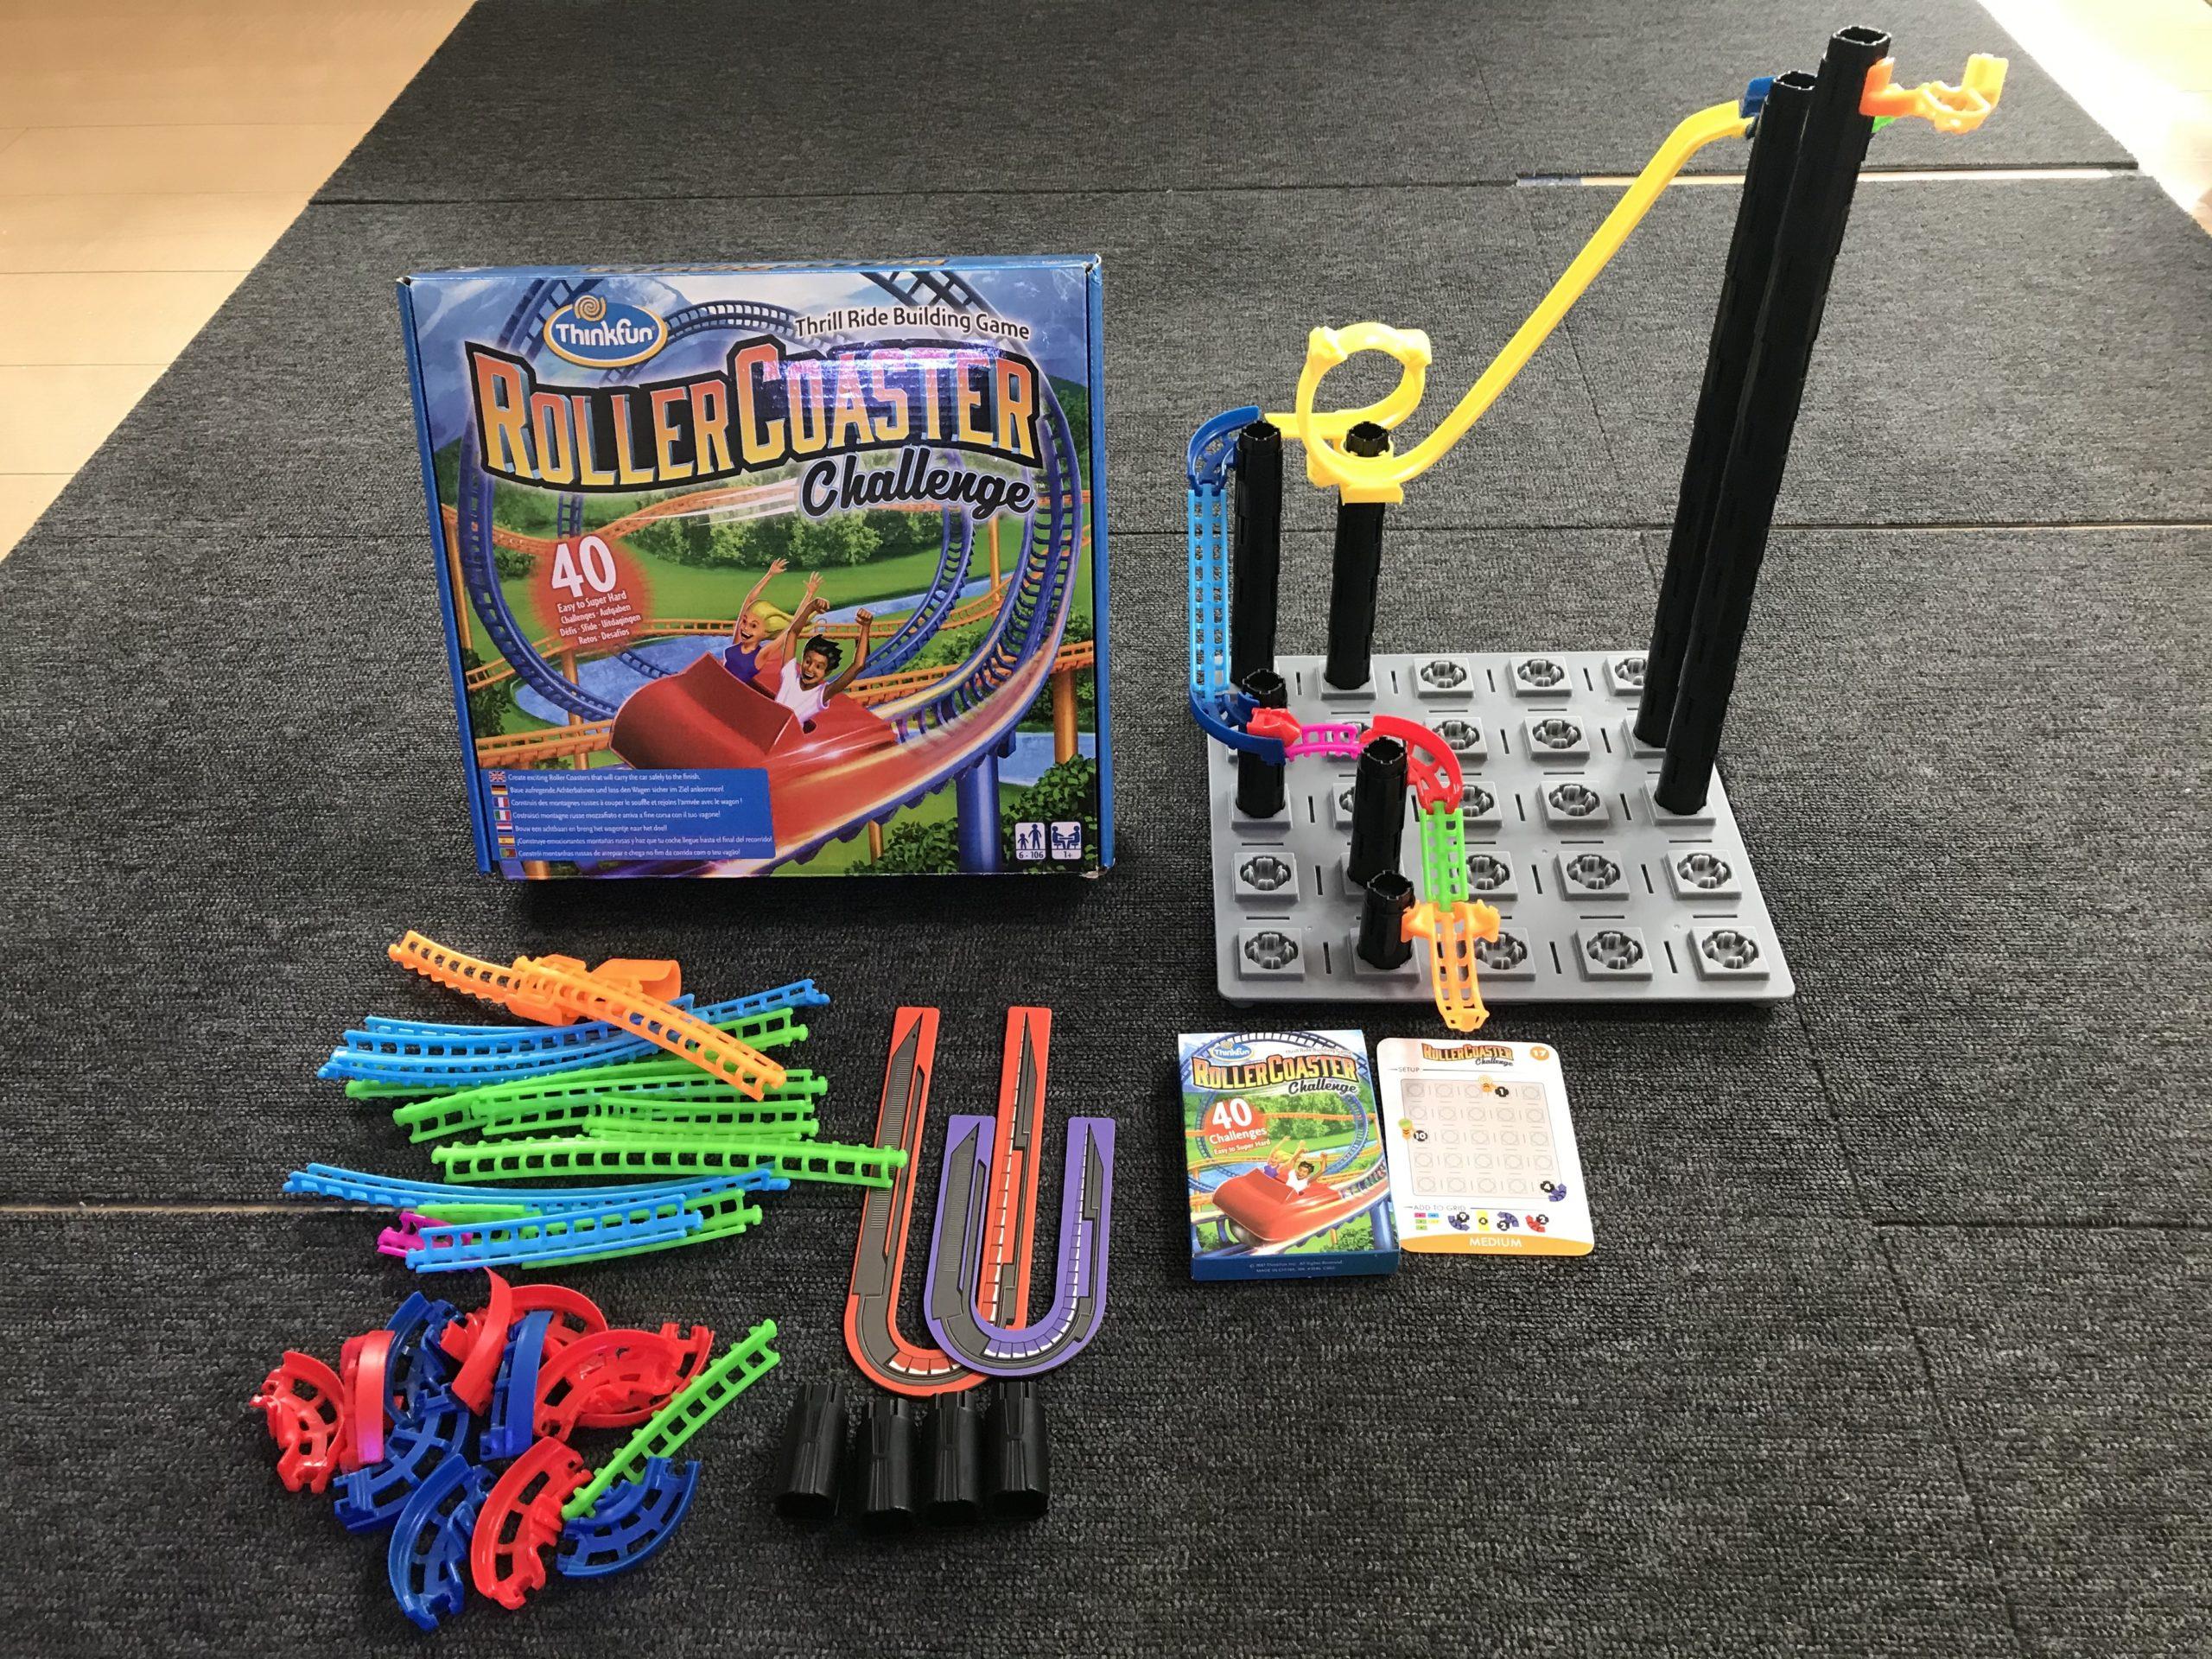 知育玩具レビュー/シンクファンの「ローラー・コースター・チャレンジ」でプログラミング学習